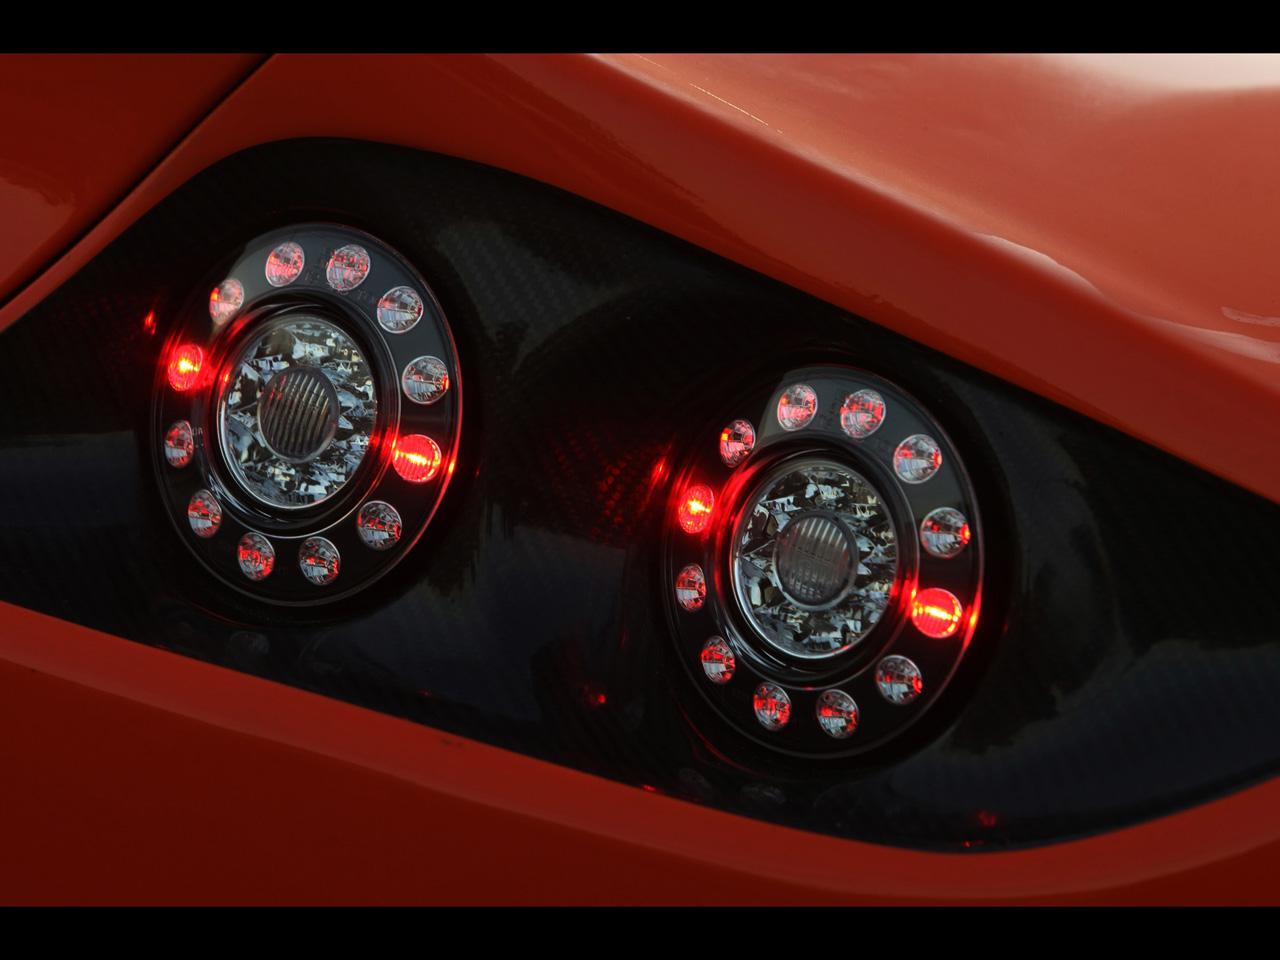 2012 Ginetta G60 - Taillights